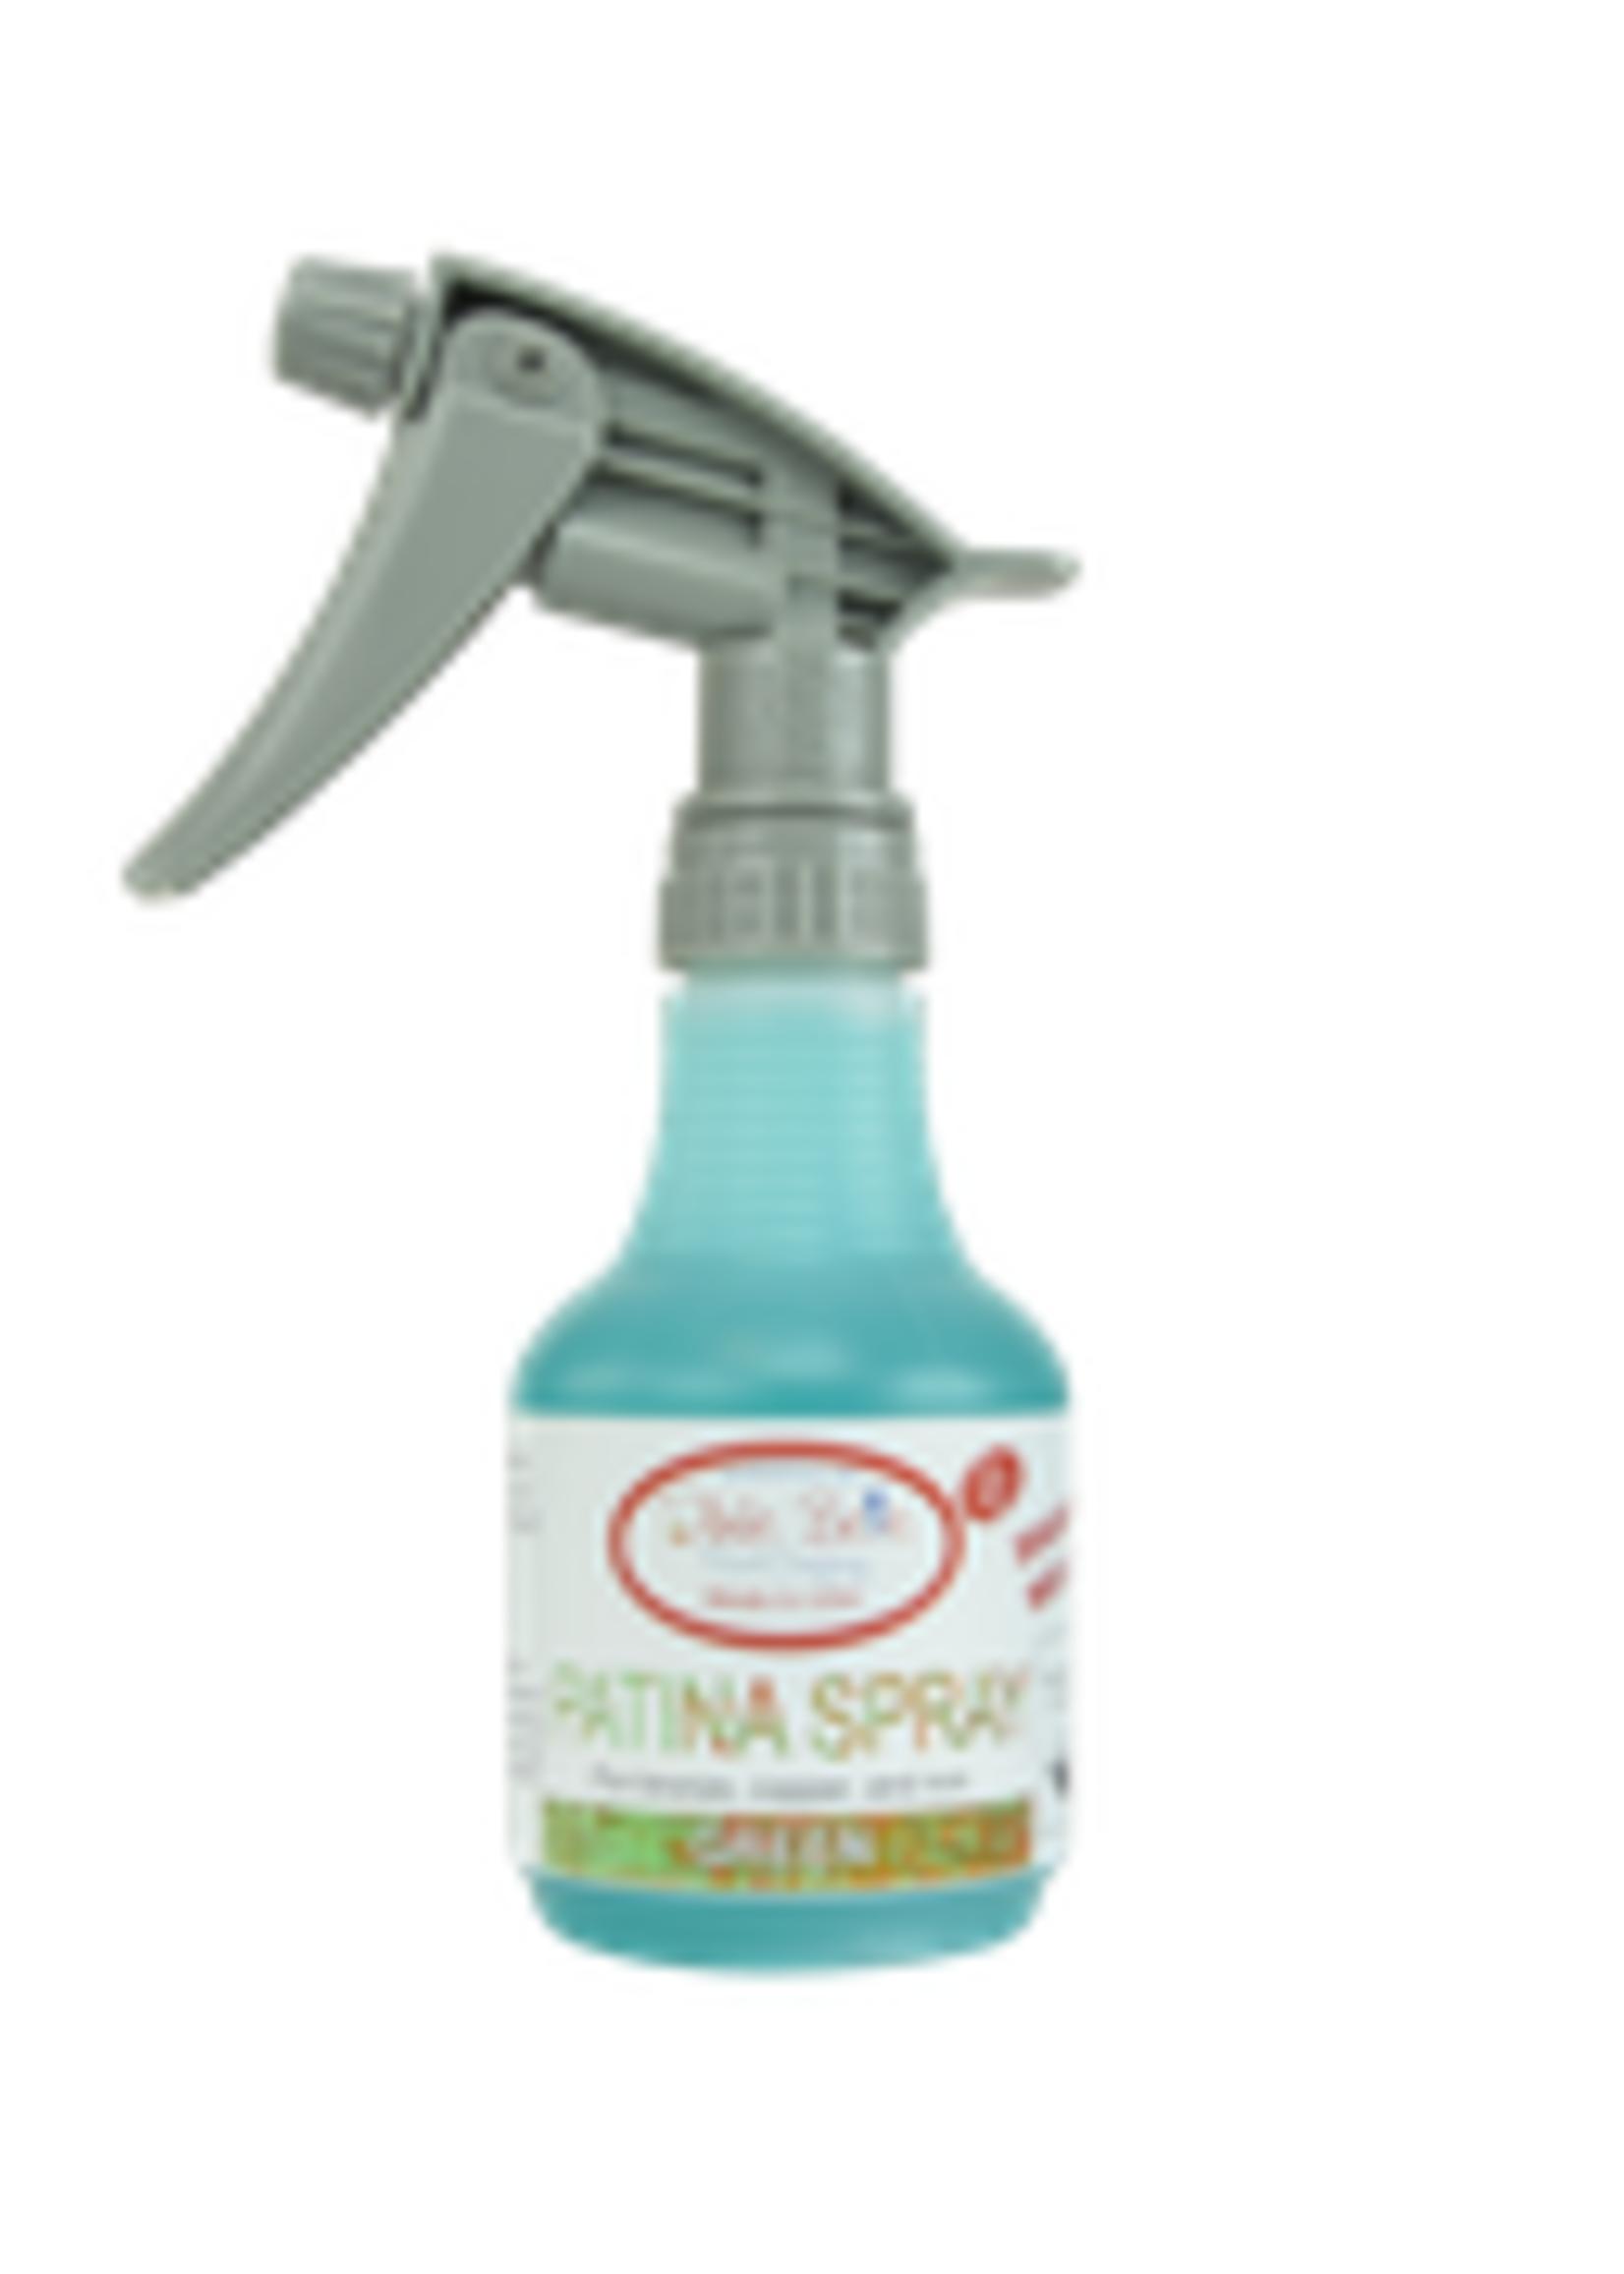 Patina Collection Spray - green 8 oz